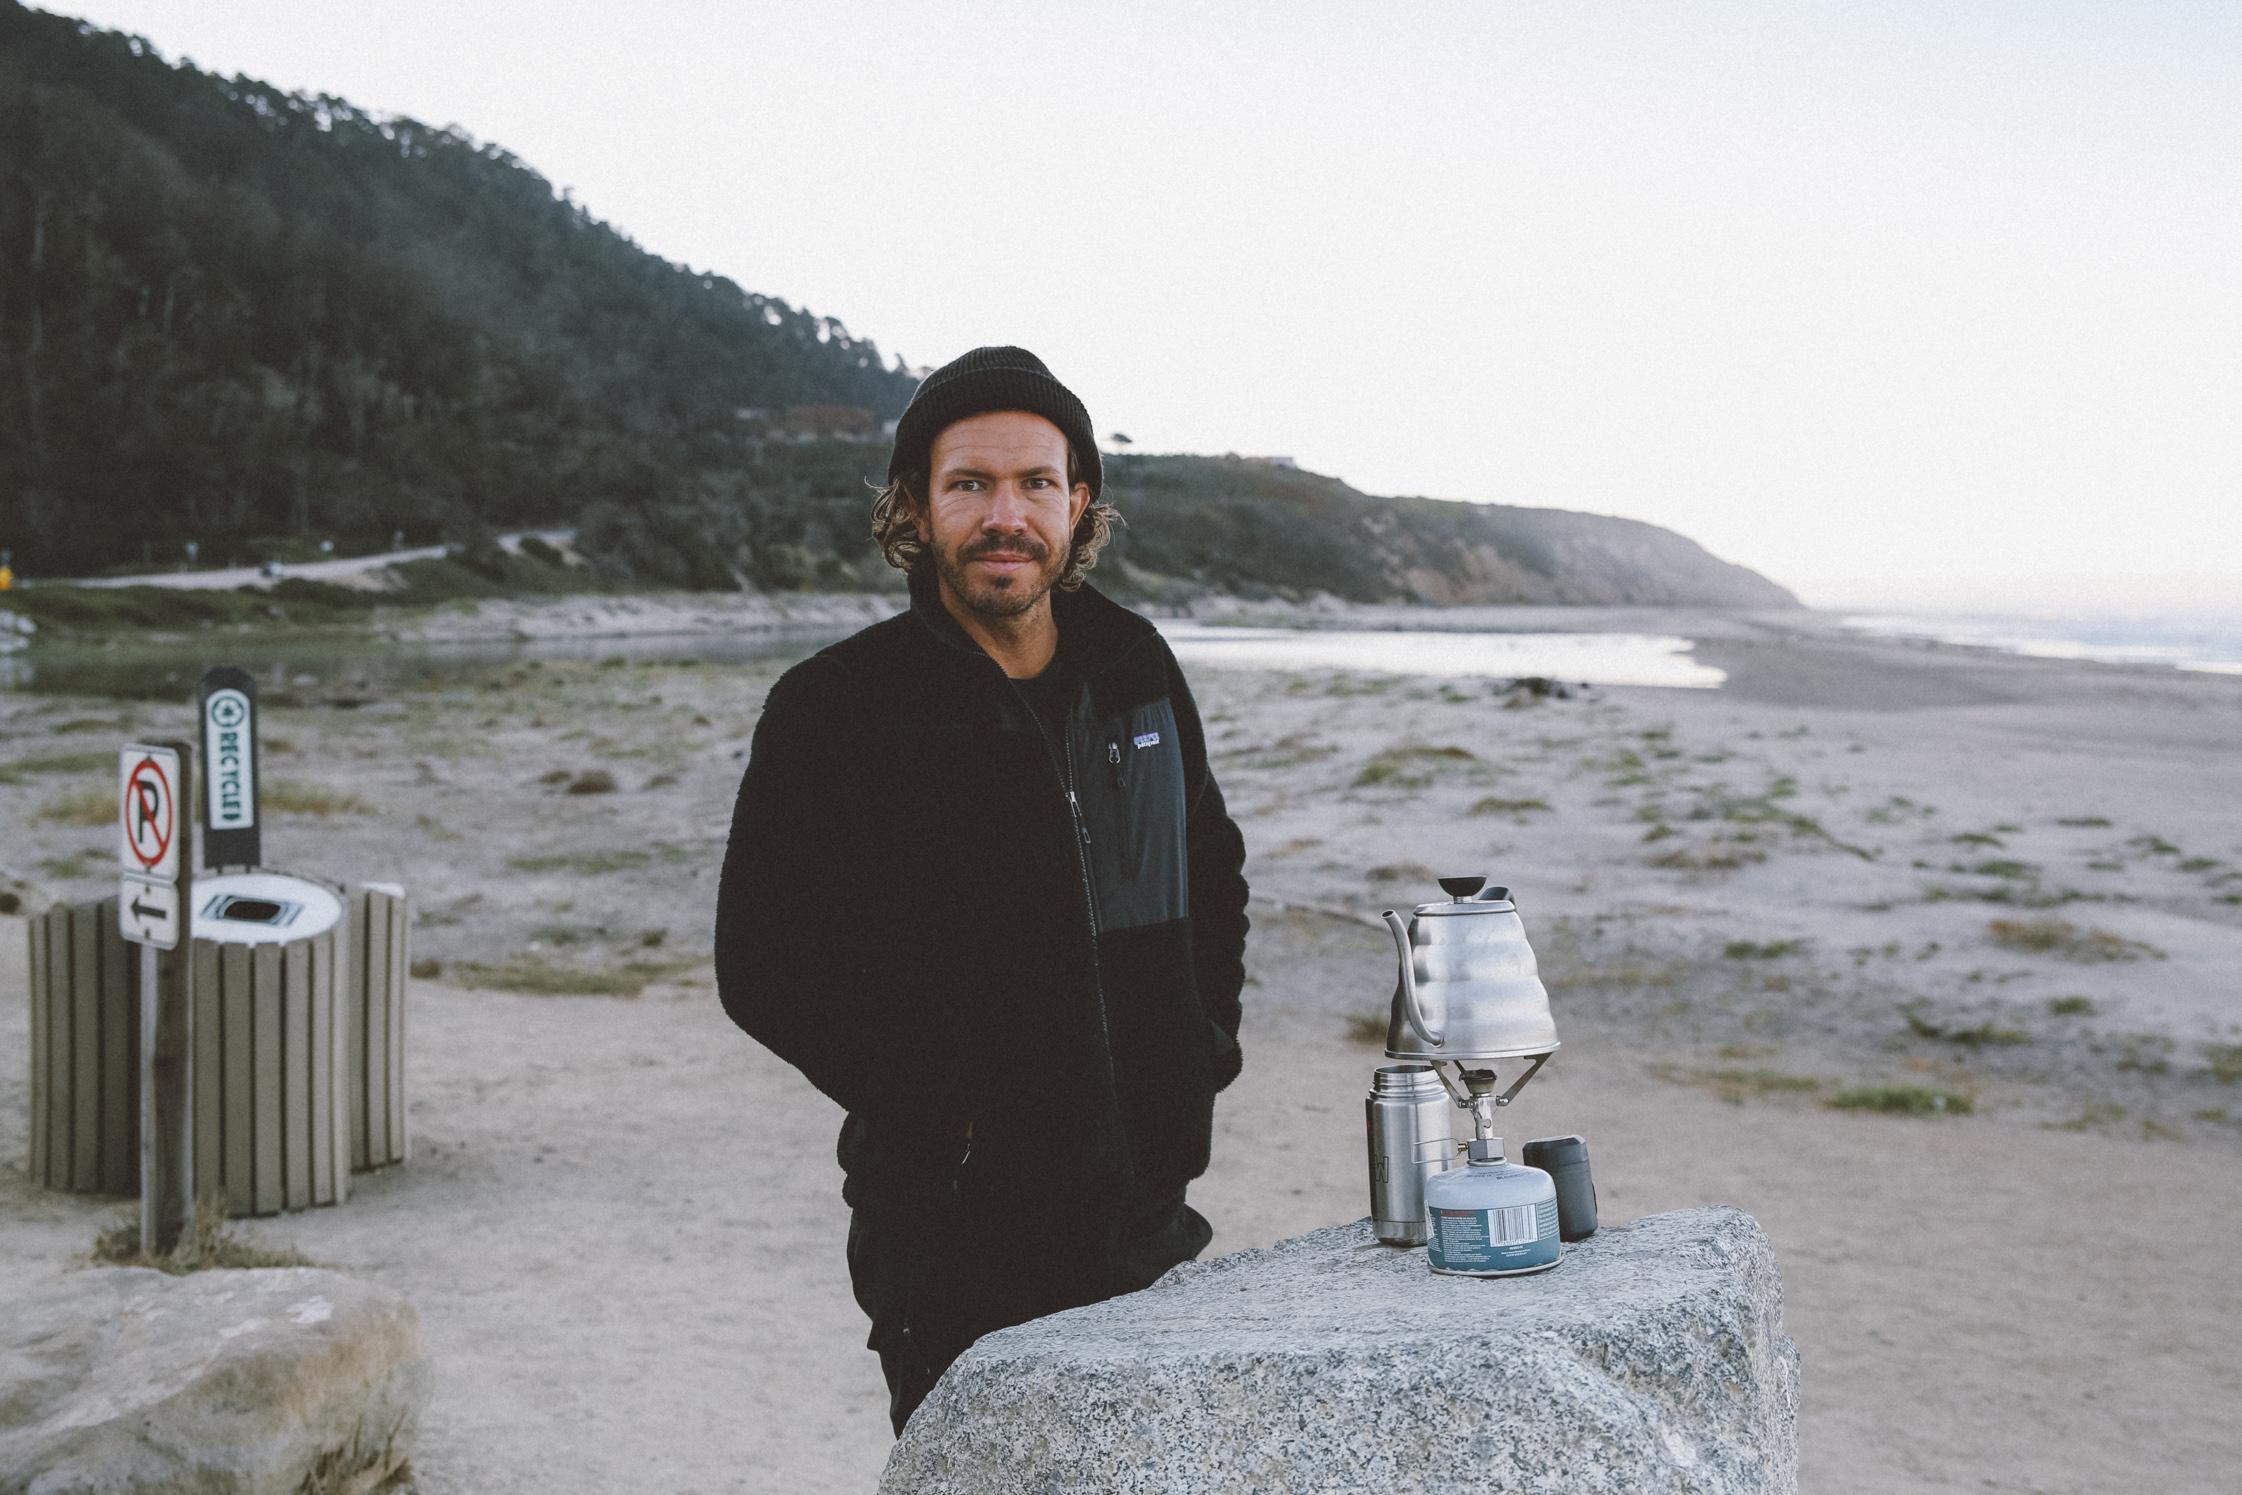 Freunde-von-Freunden-Explores-Sean-Woolsey-Camping-_LON_0581